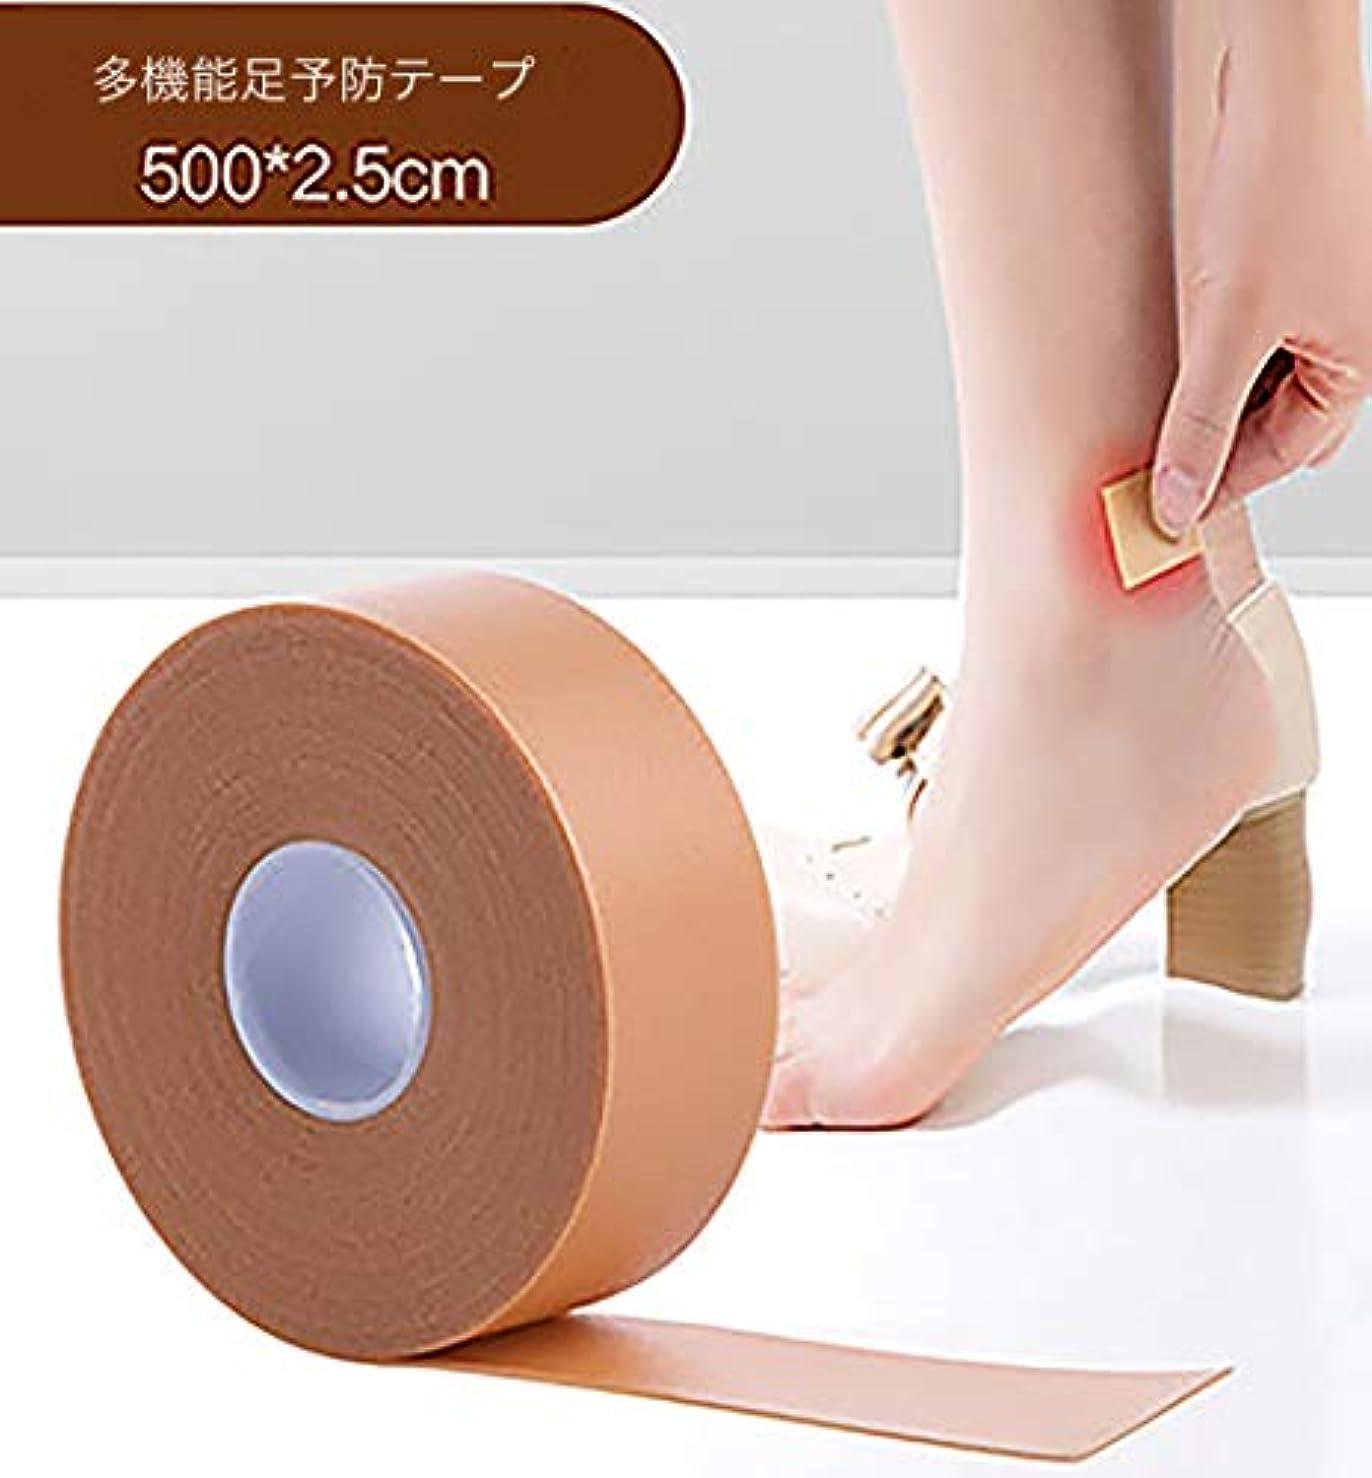 役員該当する模索靴擦れ くつずれ防止 靴擦れケアテープ かかと パッド フットヒールステッカーテープ 防水素材 粘着 かかと パッド テープ 足痛み軽減 耐摩耗 痛み緩和 伸縮性抜群 男女兼用 (1個セット)